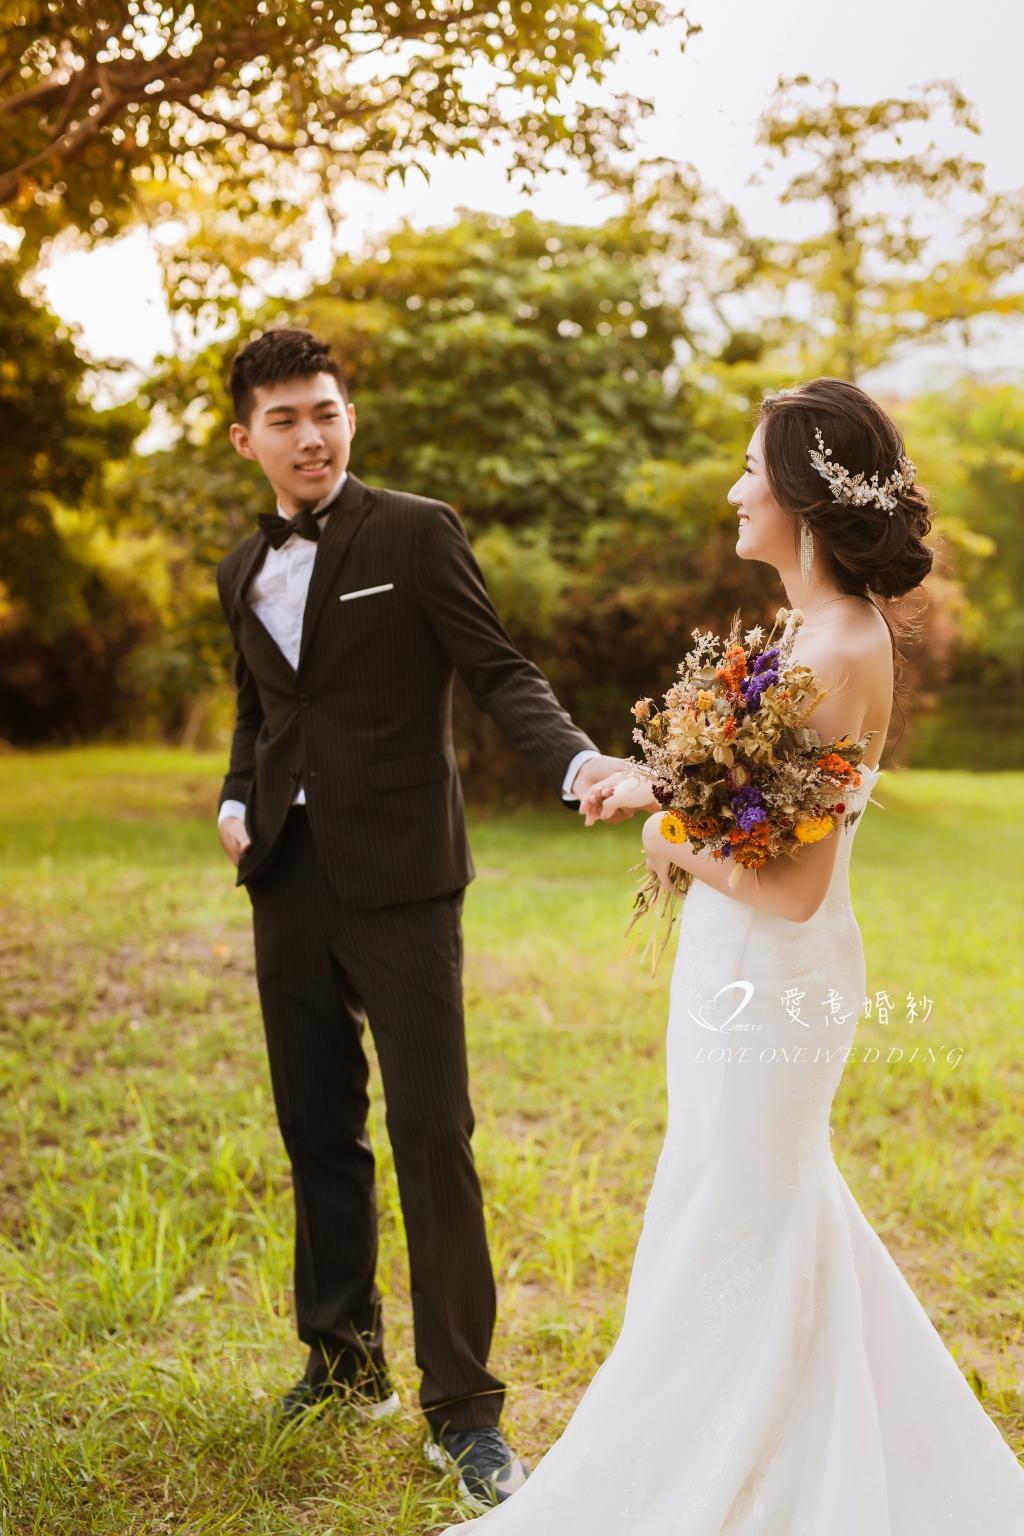 高雄婚紗外拍景點